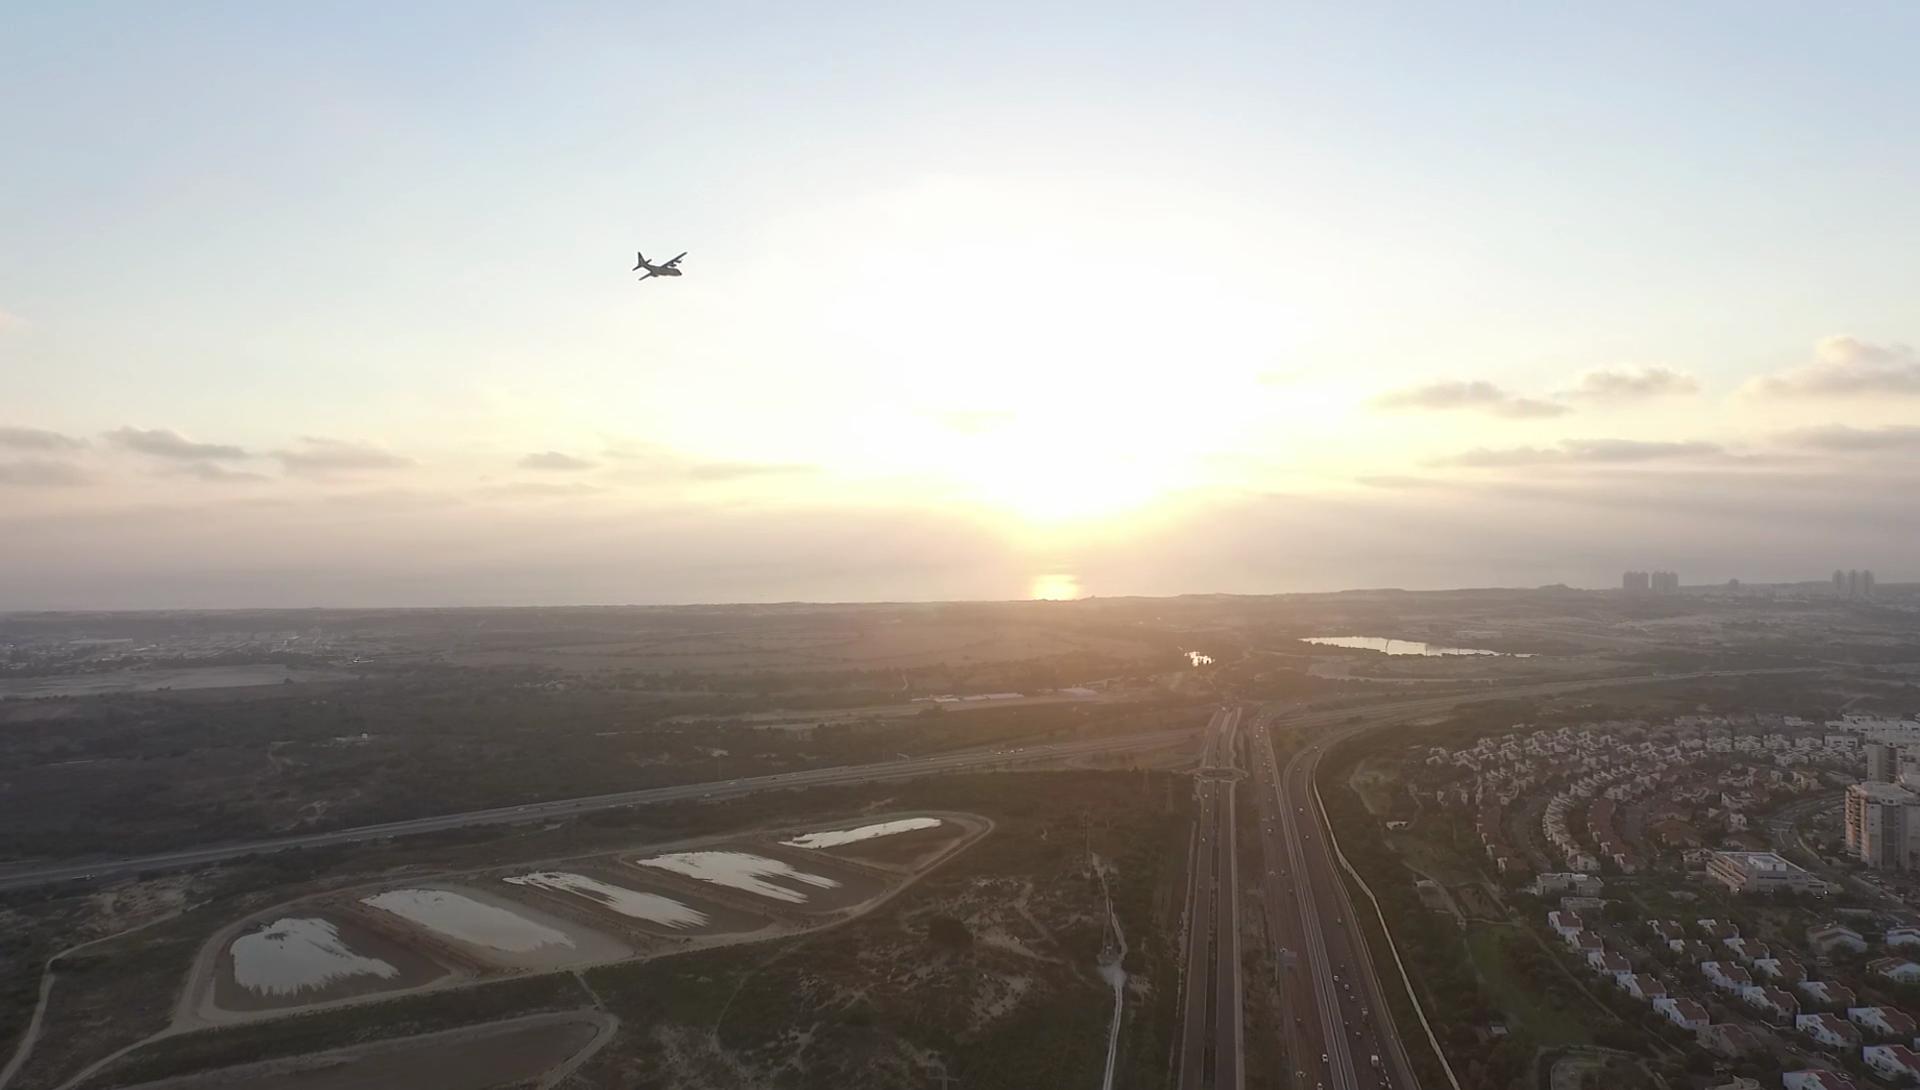 """רעש המטוסים הפך את חייהם של 1.5 מיליון תושבים במרכז ובשרון לבלתי נסבלים. צילום: עיריית ראשל""""צ"""